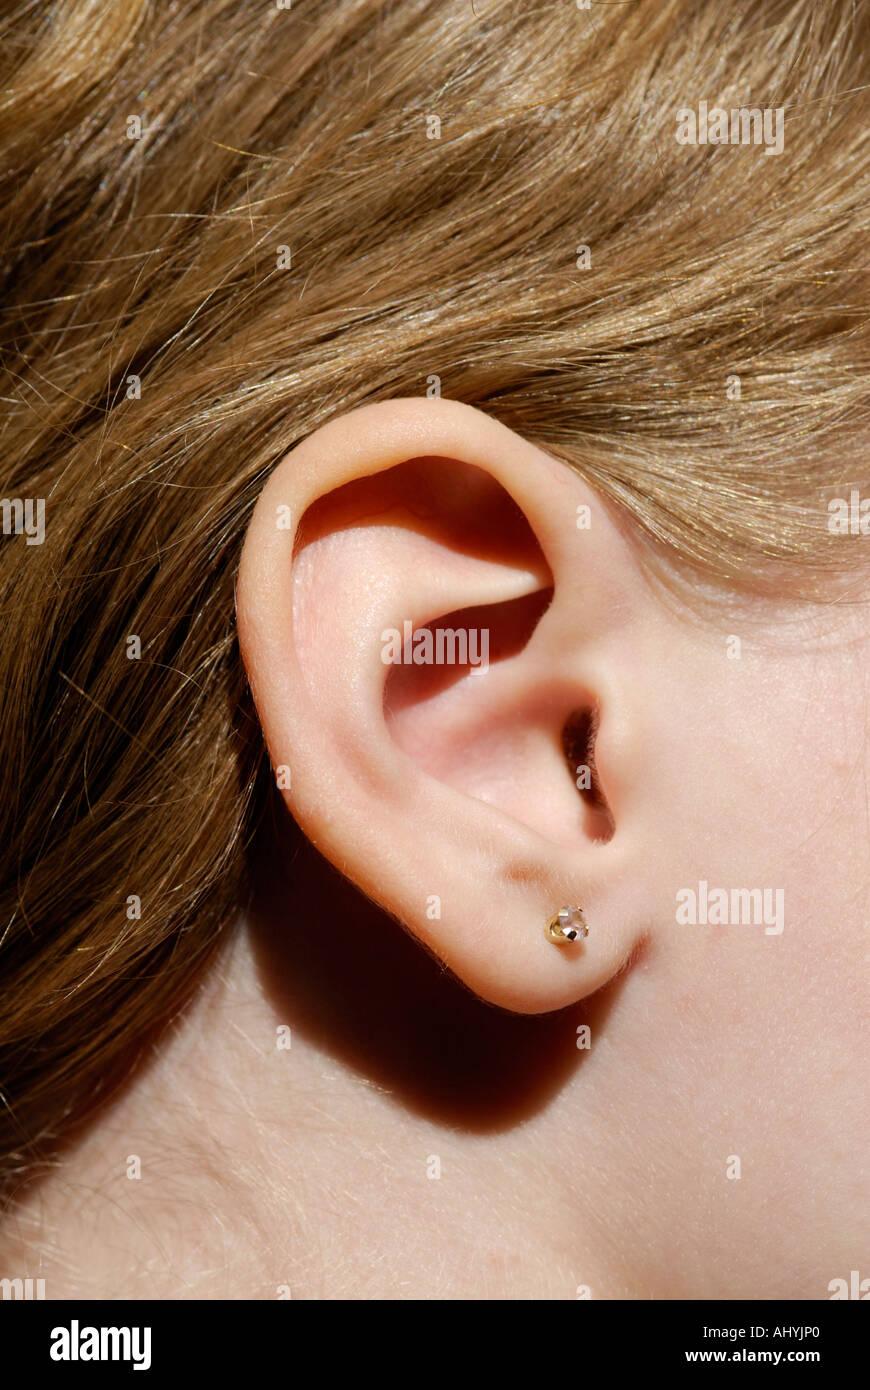 Oreille humaine close up. Pavillon de l'oreille externe, Photo Stock